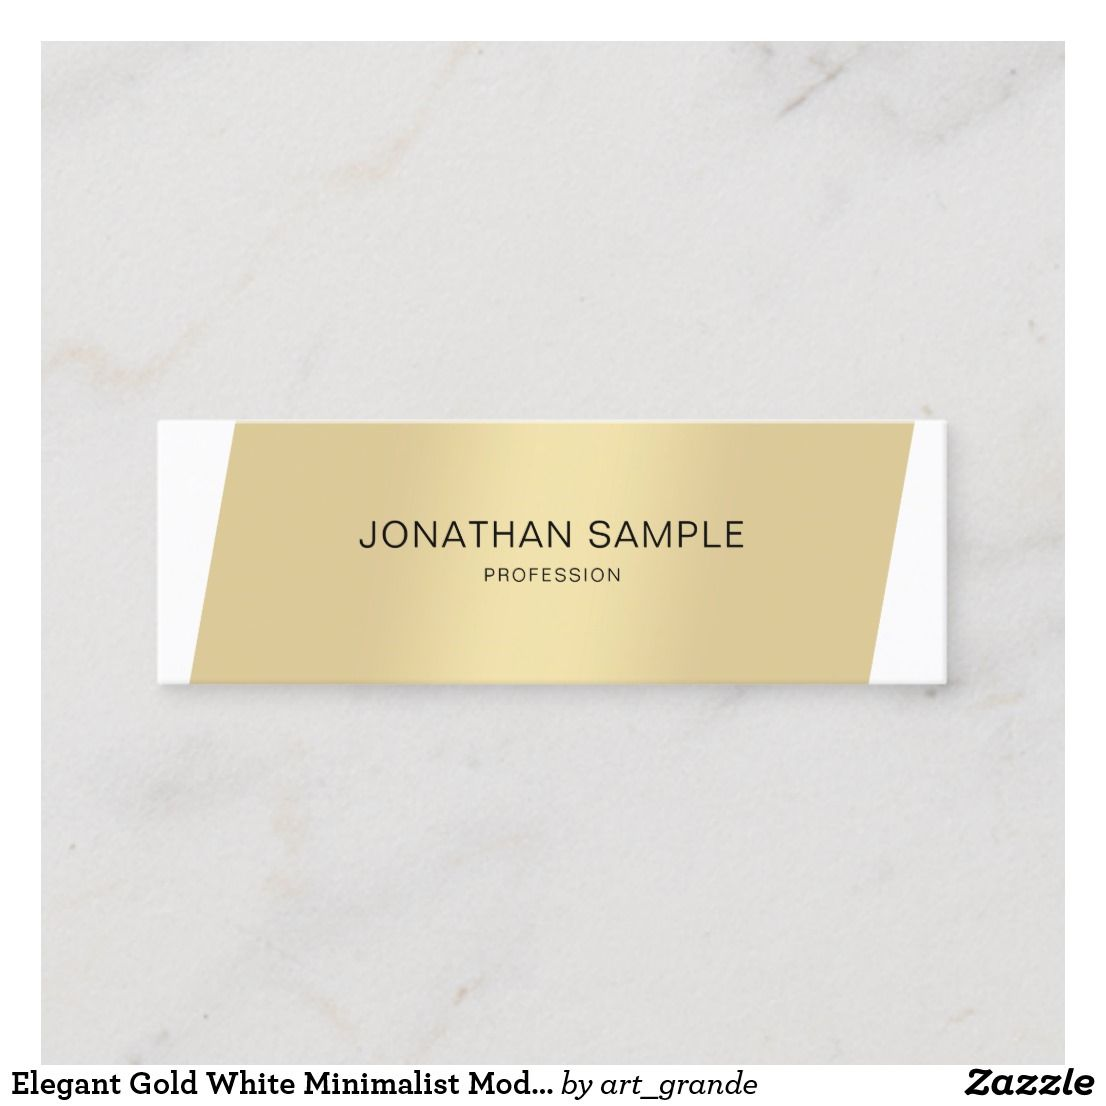 Elegant Gold White Minimalist Modern Professional Mini